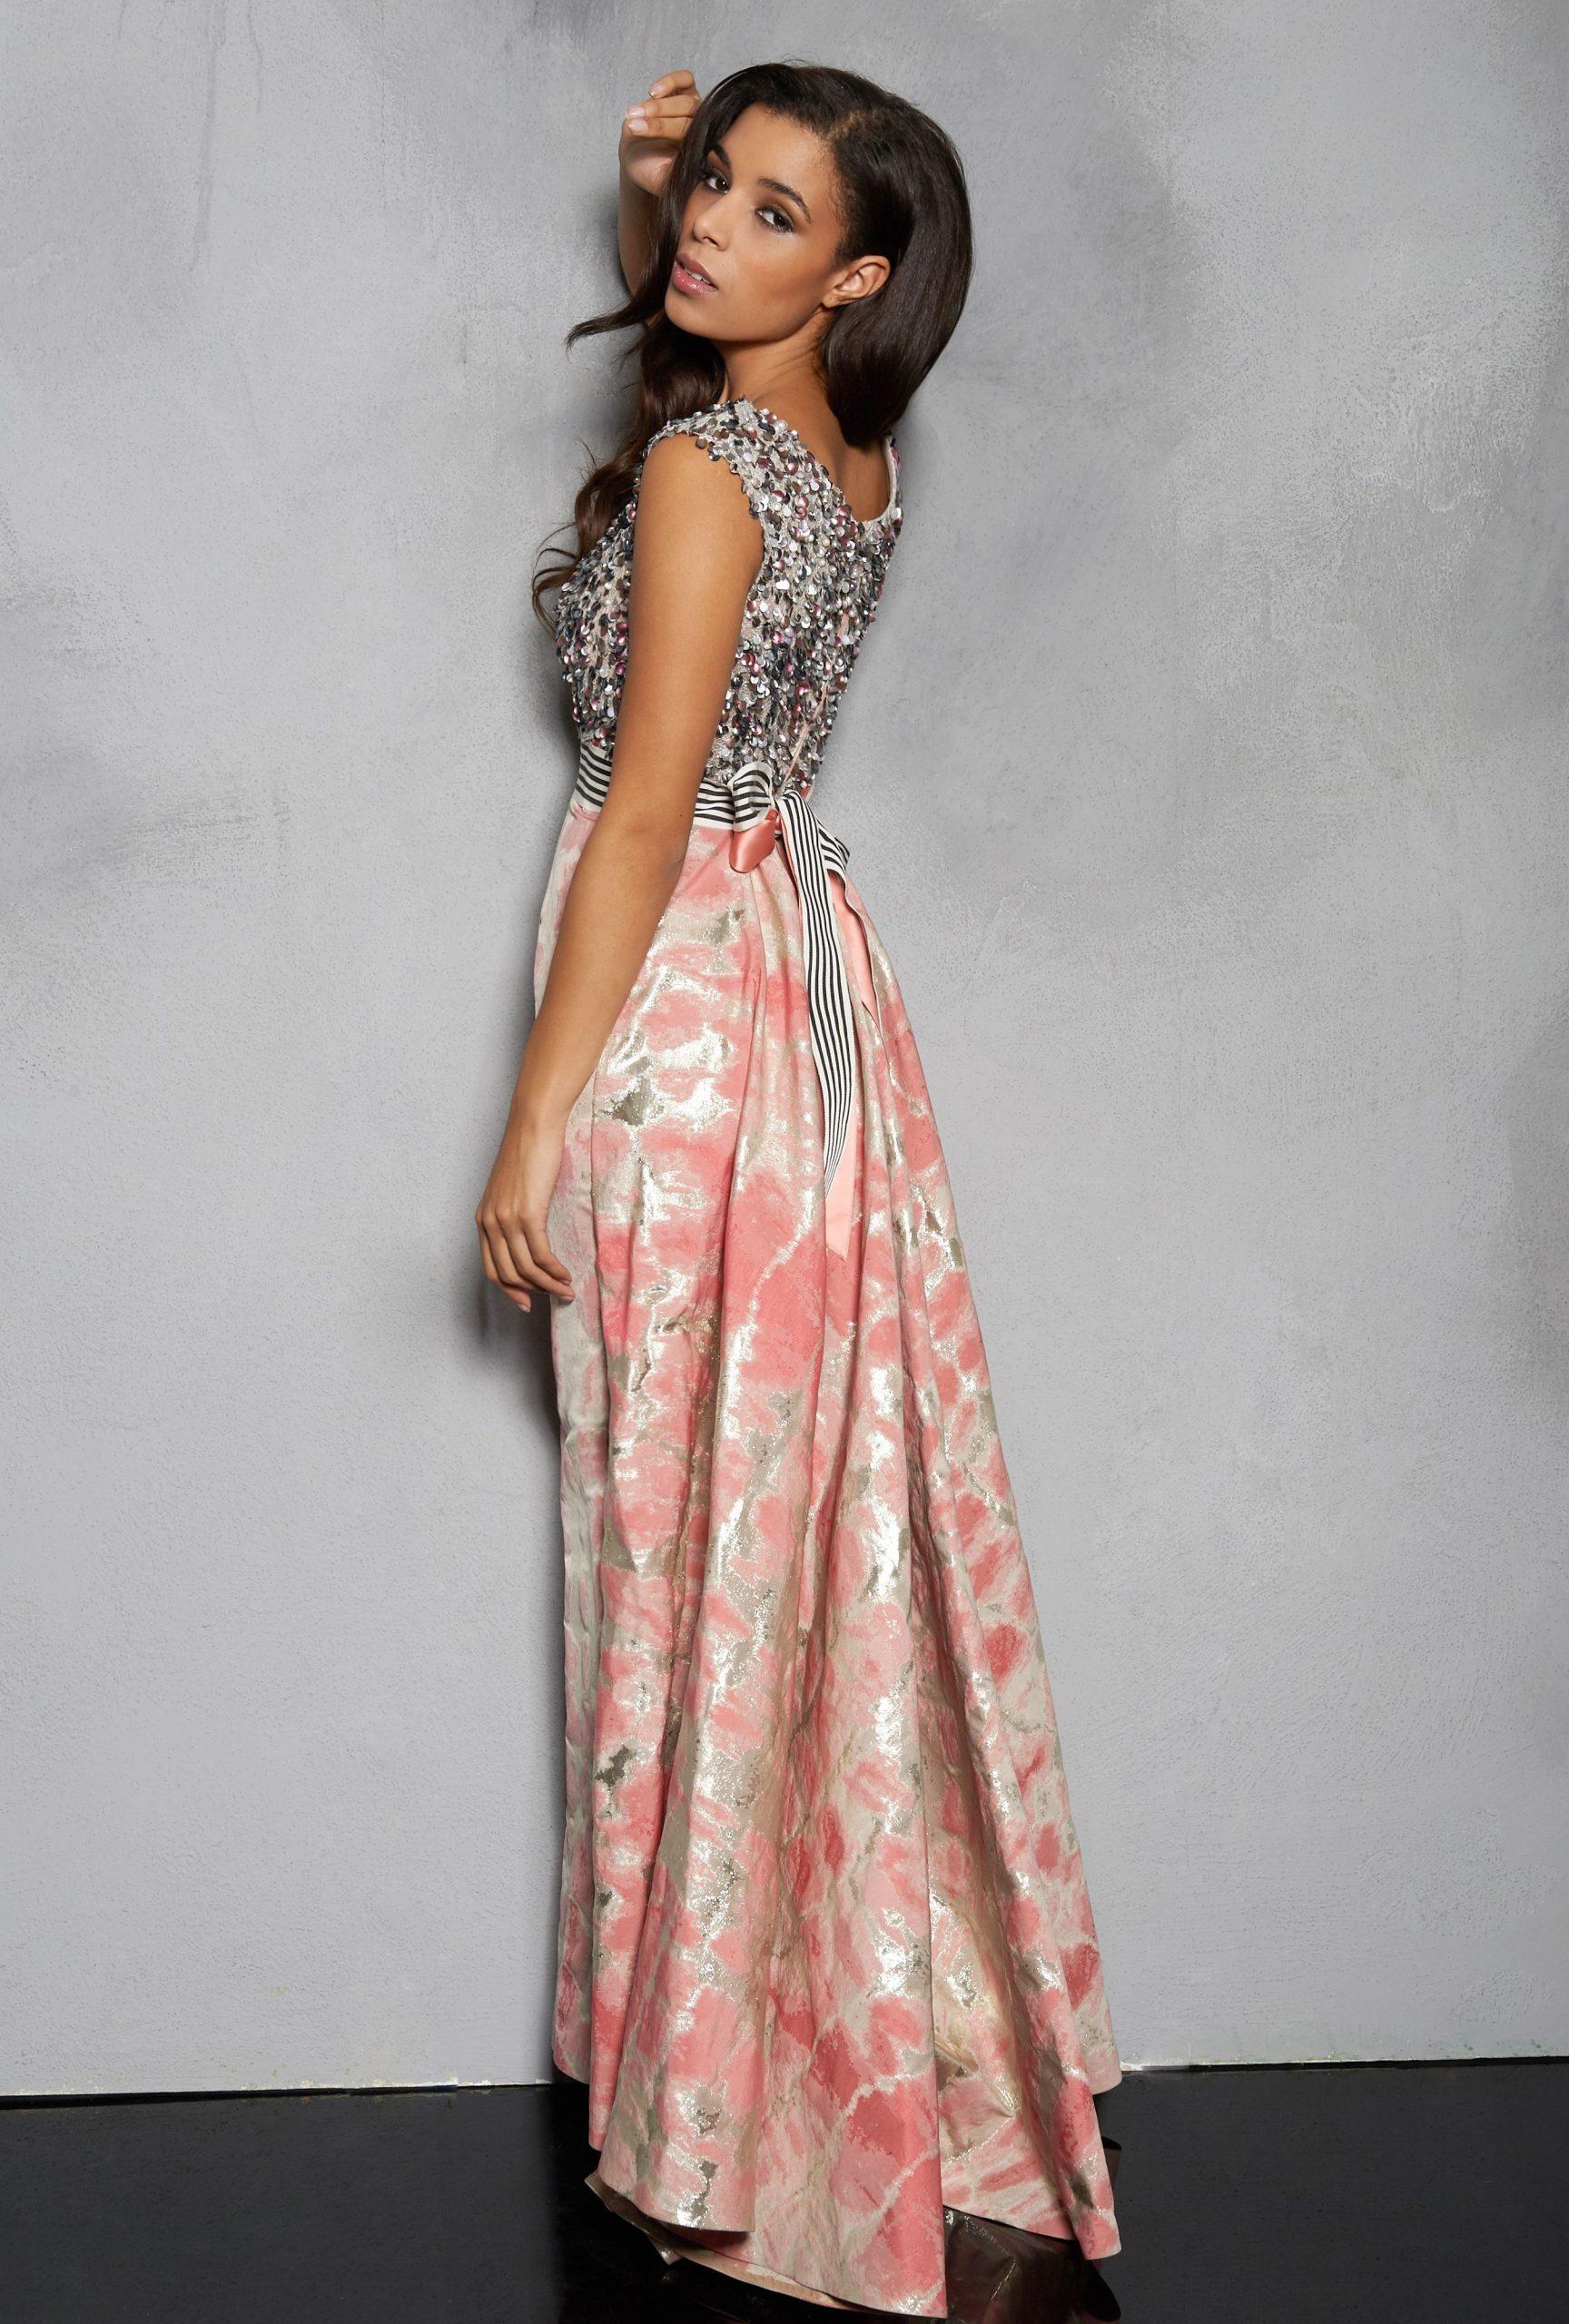 Genial Abend Kleid Mieten Stylish17 Coolste Abend Kleid Mieten Bester Preis